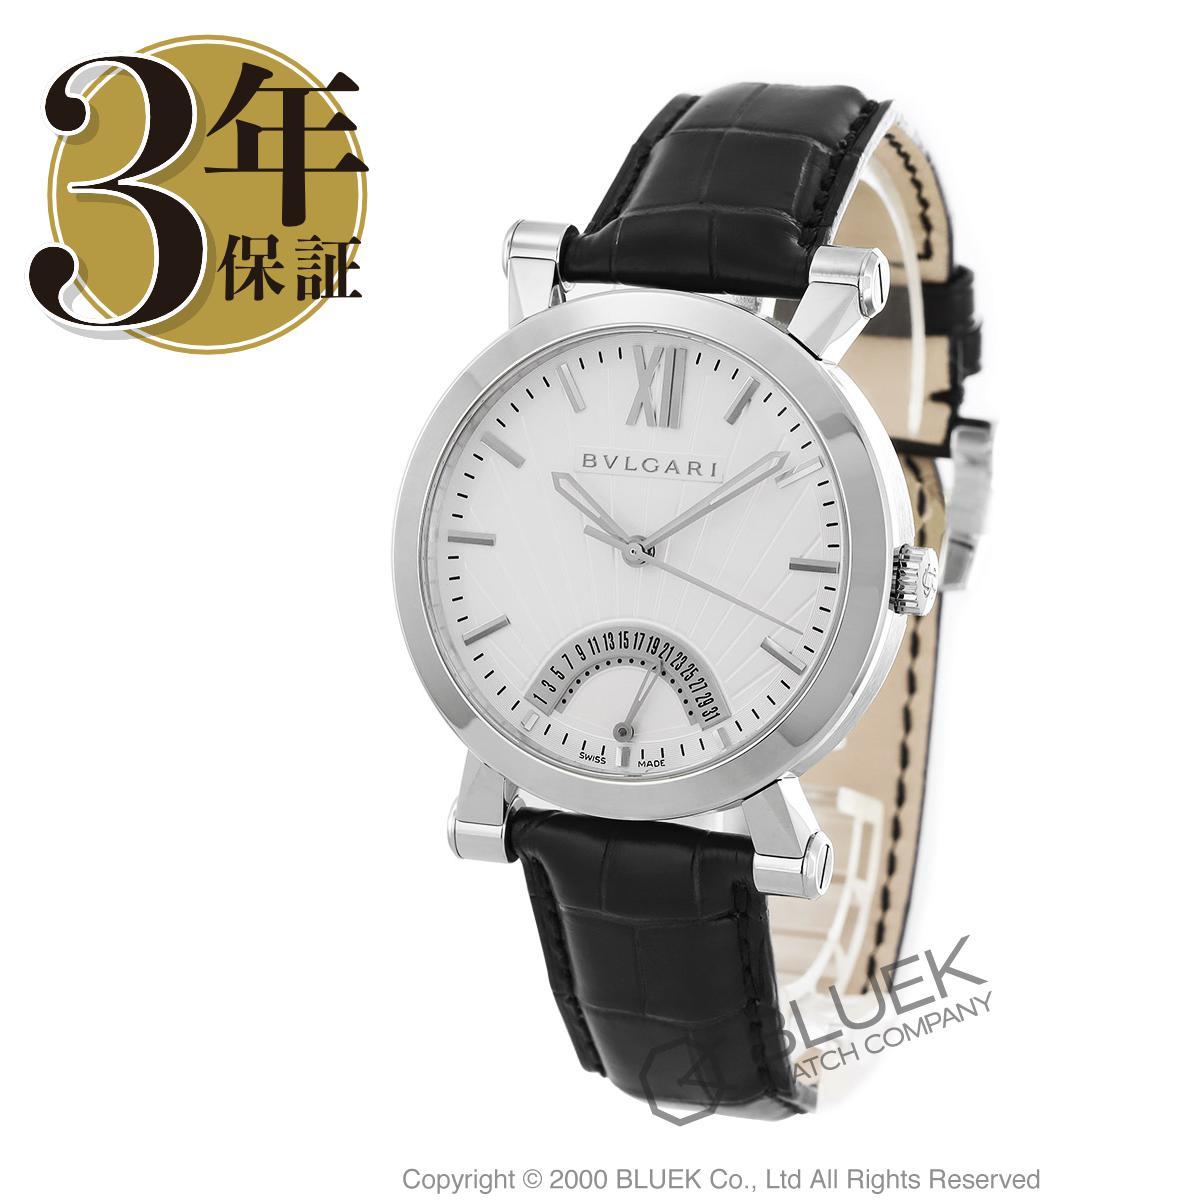 ブルガリ ソティリオ ブルガリ アリゲーターレザー 腕時計 メンズ BVLGARI SB42WSLDR_3